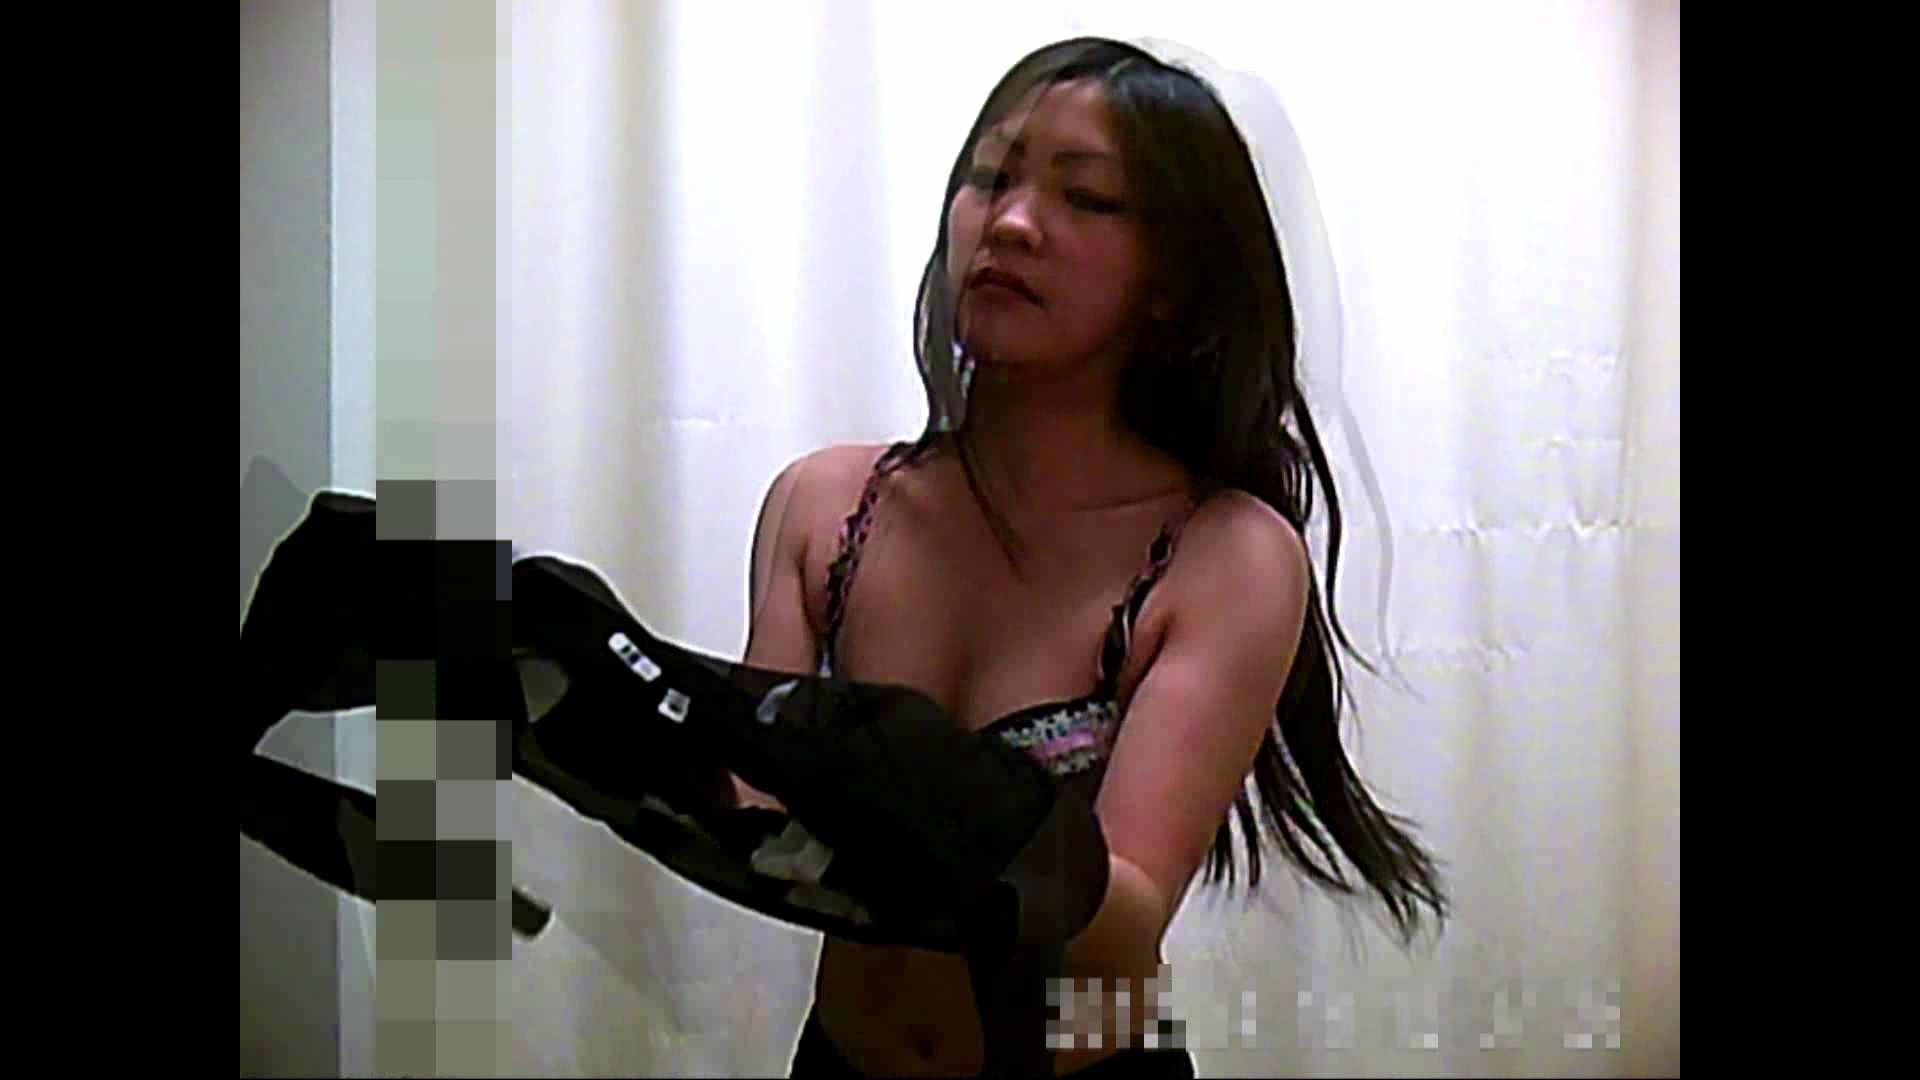 元医者による反抗 更衣室地獄絵巻 vol.015 エッチなお姉さん オマンコ無修正動画無料 105画像 23